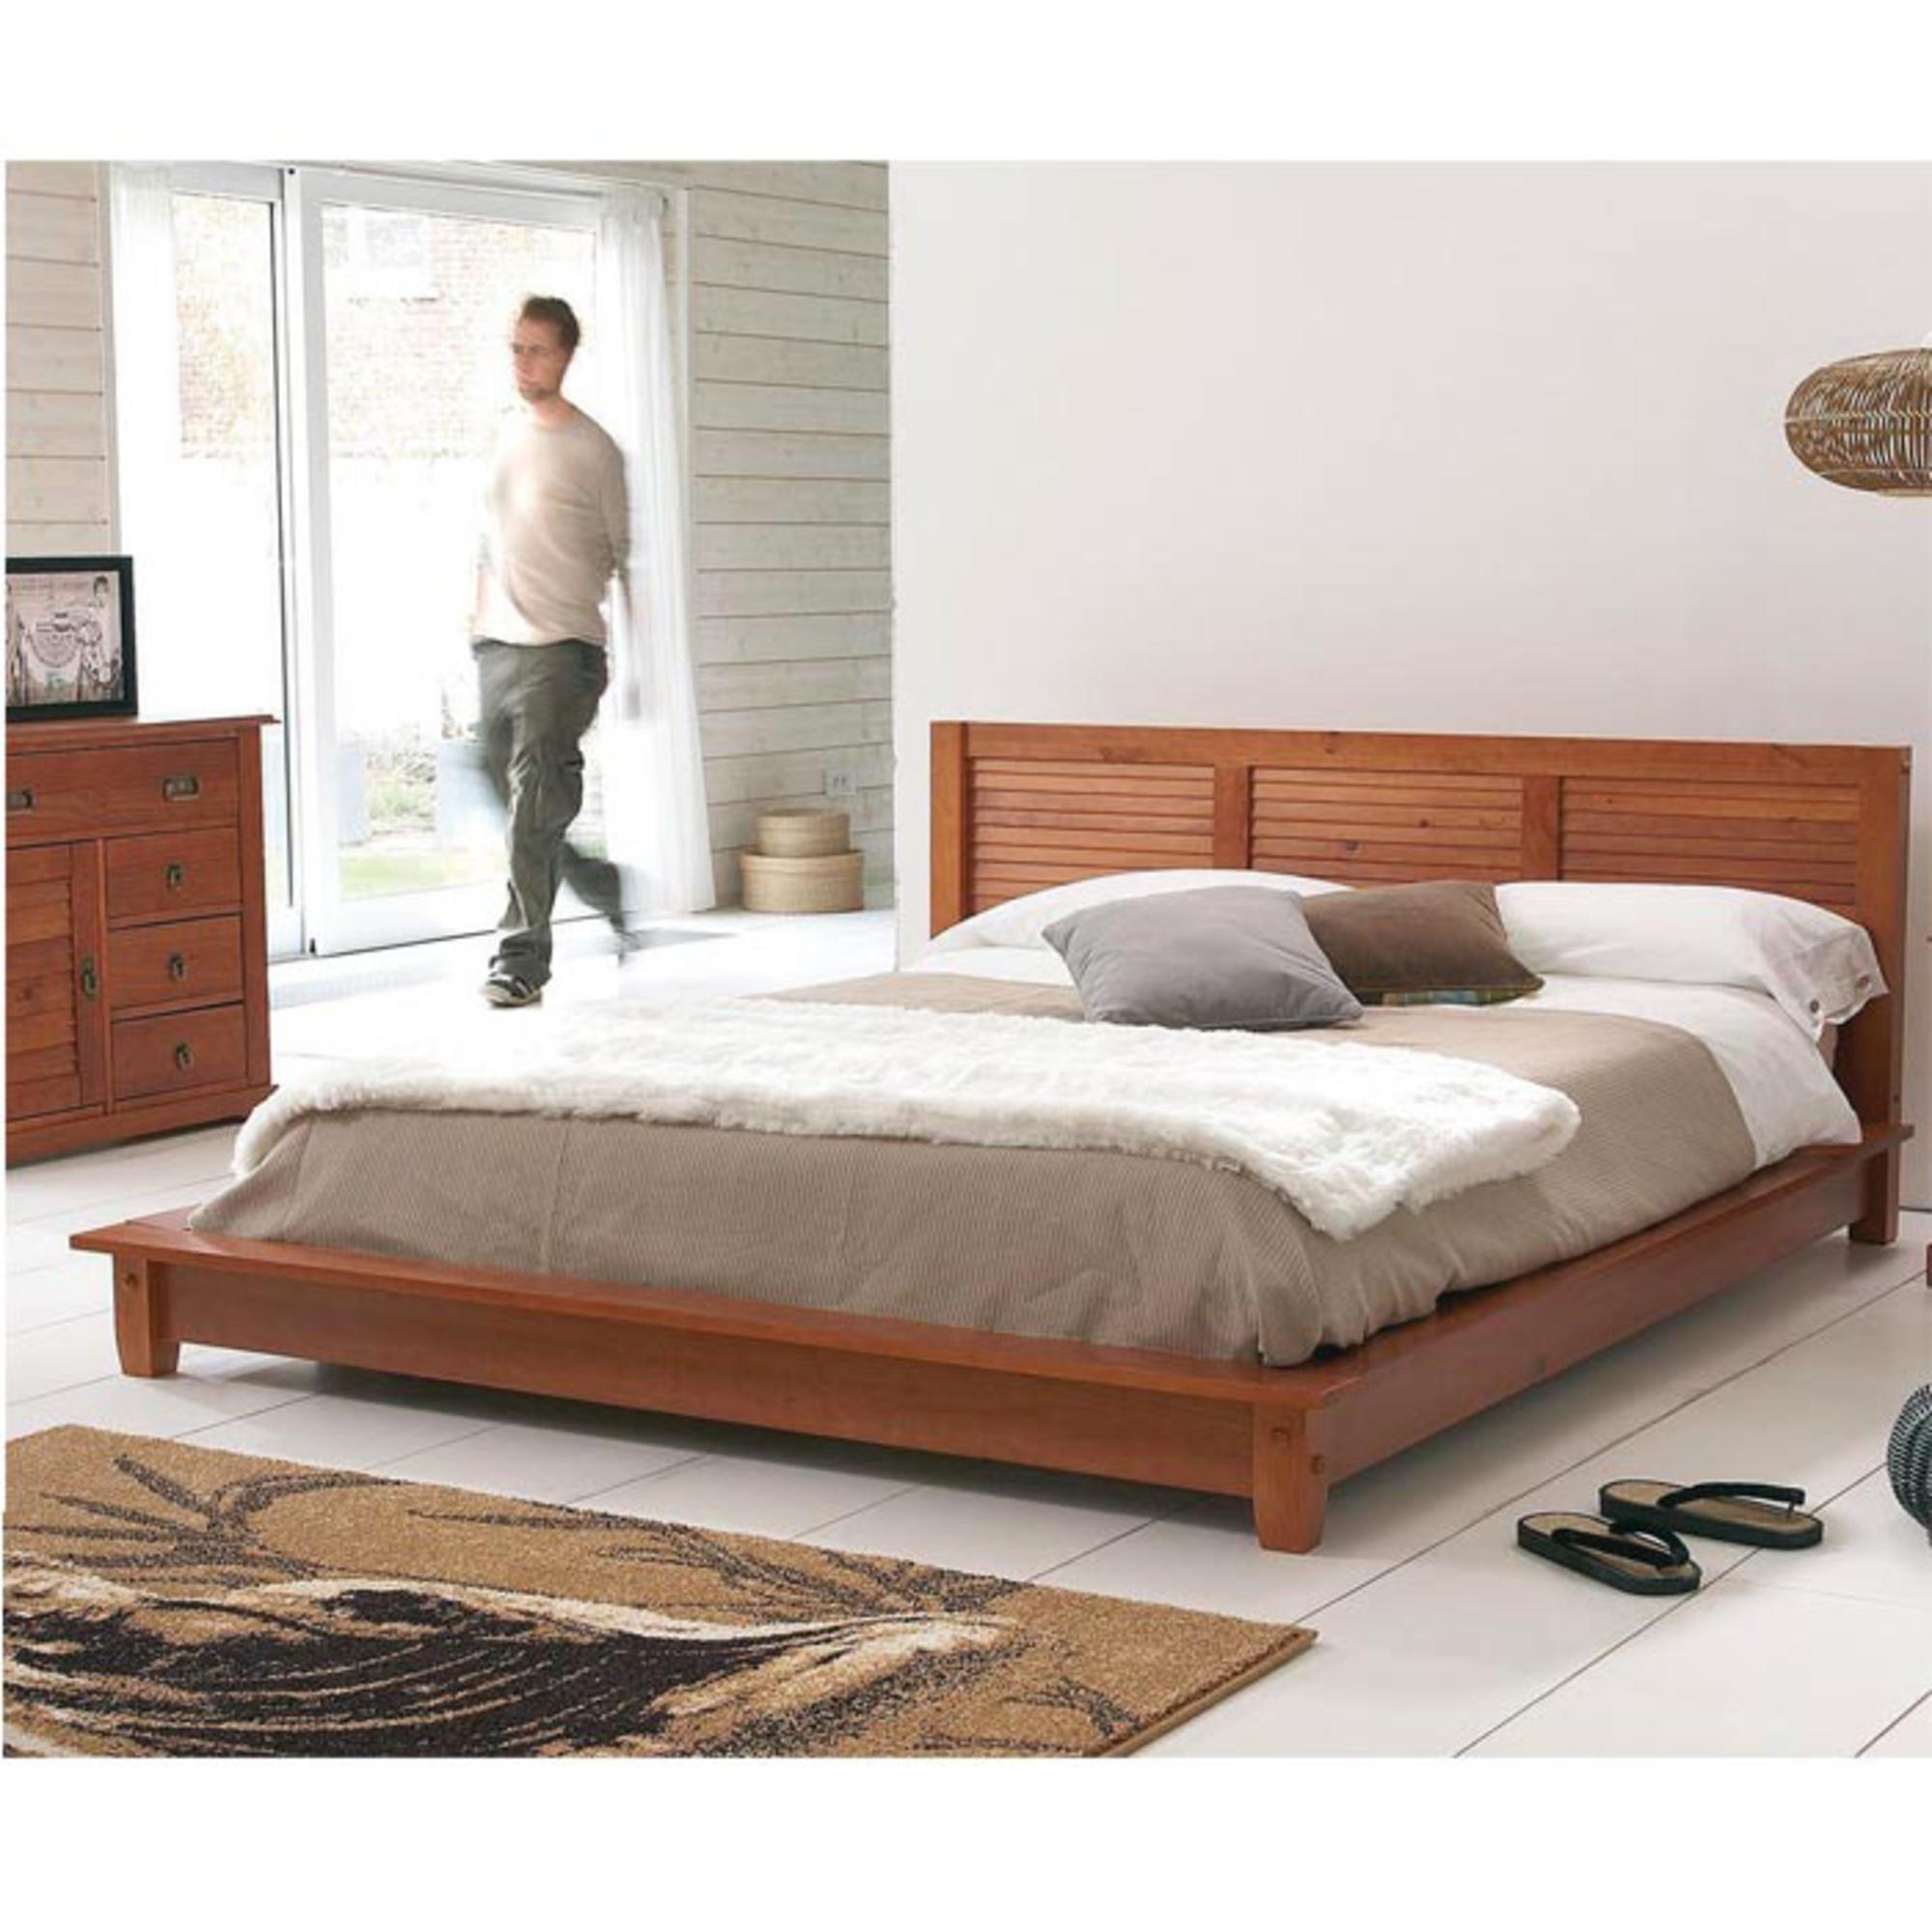 lit 160 x 200 cm plateforme maloom miel anniversaire 40 ans acheter ce produit au meilleur. Black Bedroom Furniture Sets. Home Design Ideas